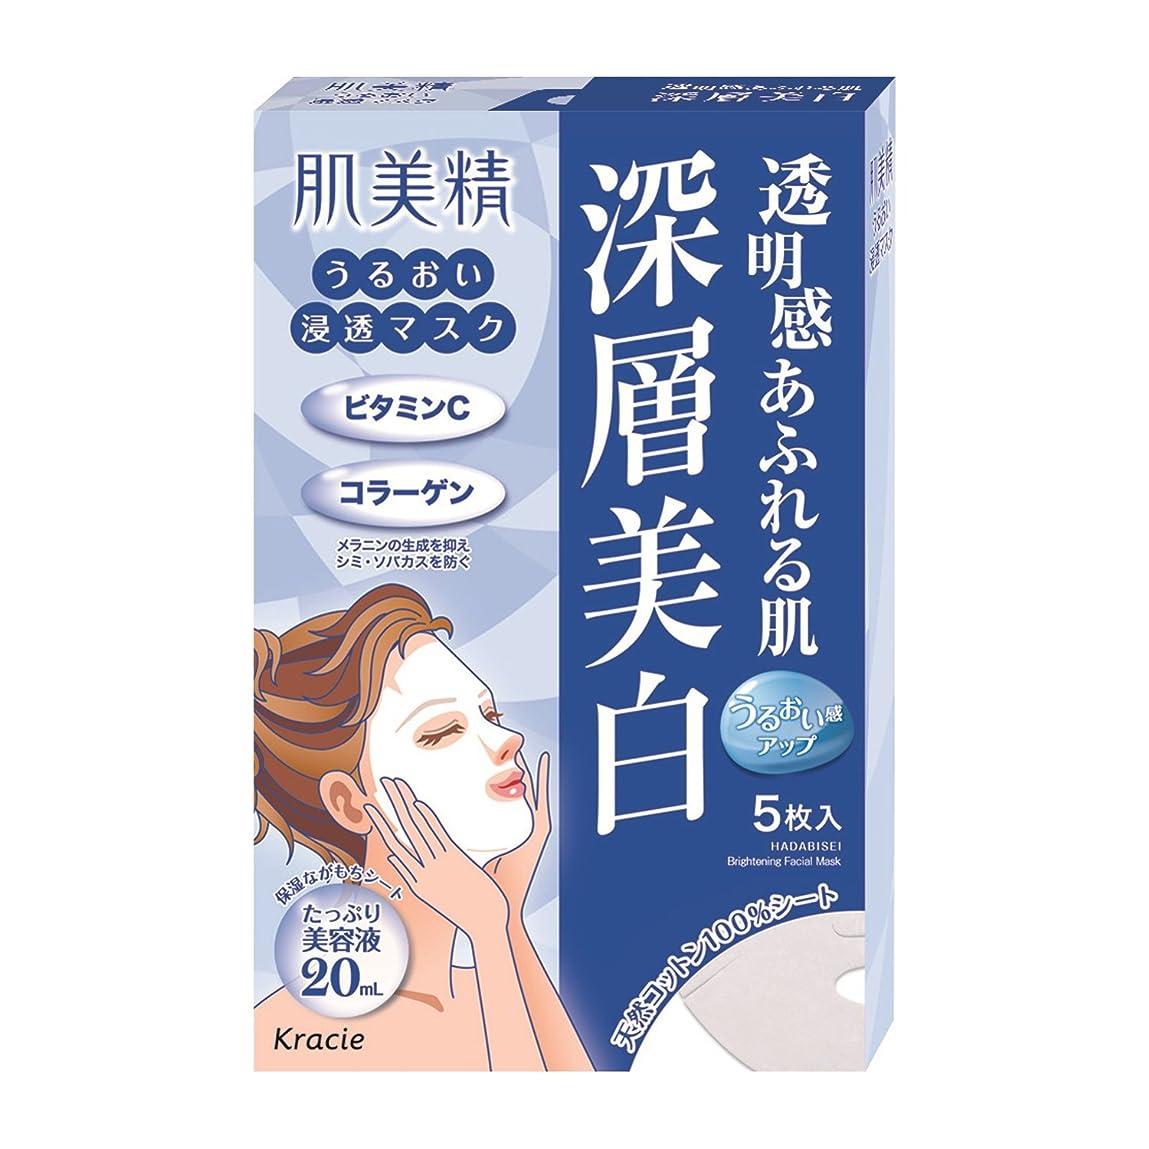 コミット排出プロット肌美精 うるおい浸透マスク (深層美白) 5枚 [医薬部外品]